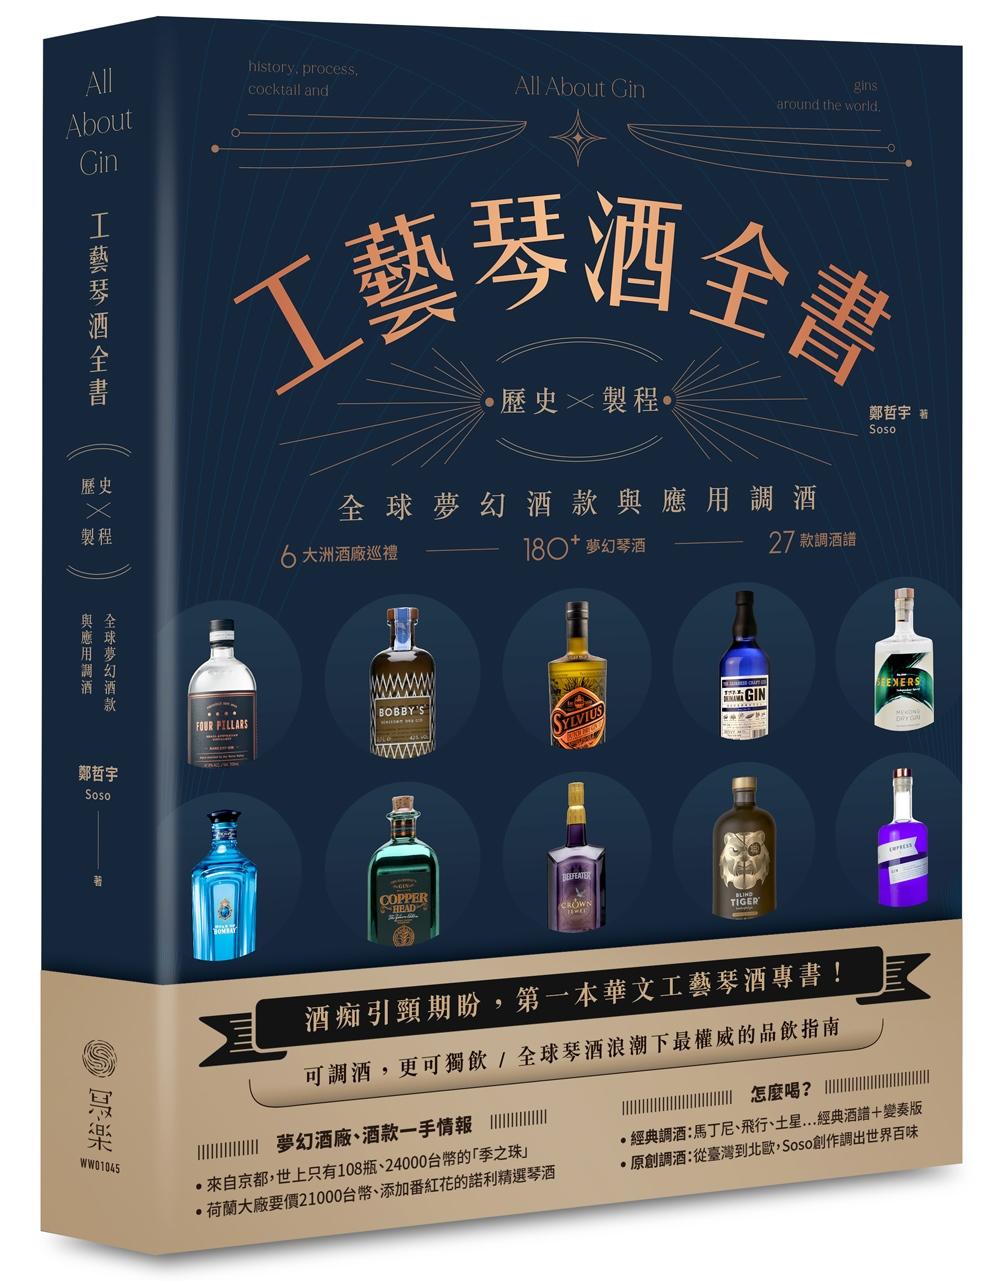 工藝琴酒全書:歷史、製程、全球夢幻酒款與應用調酒